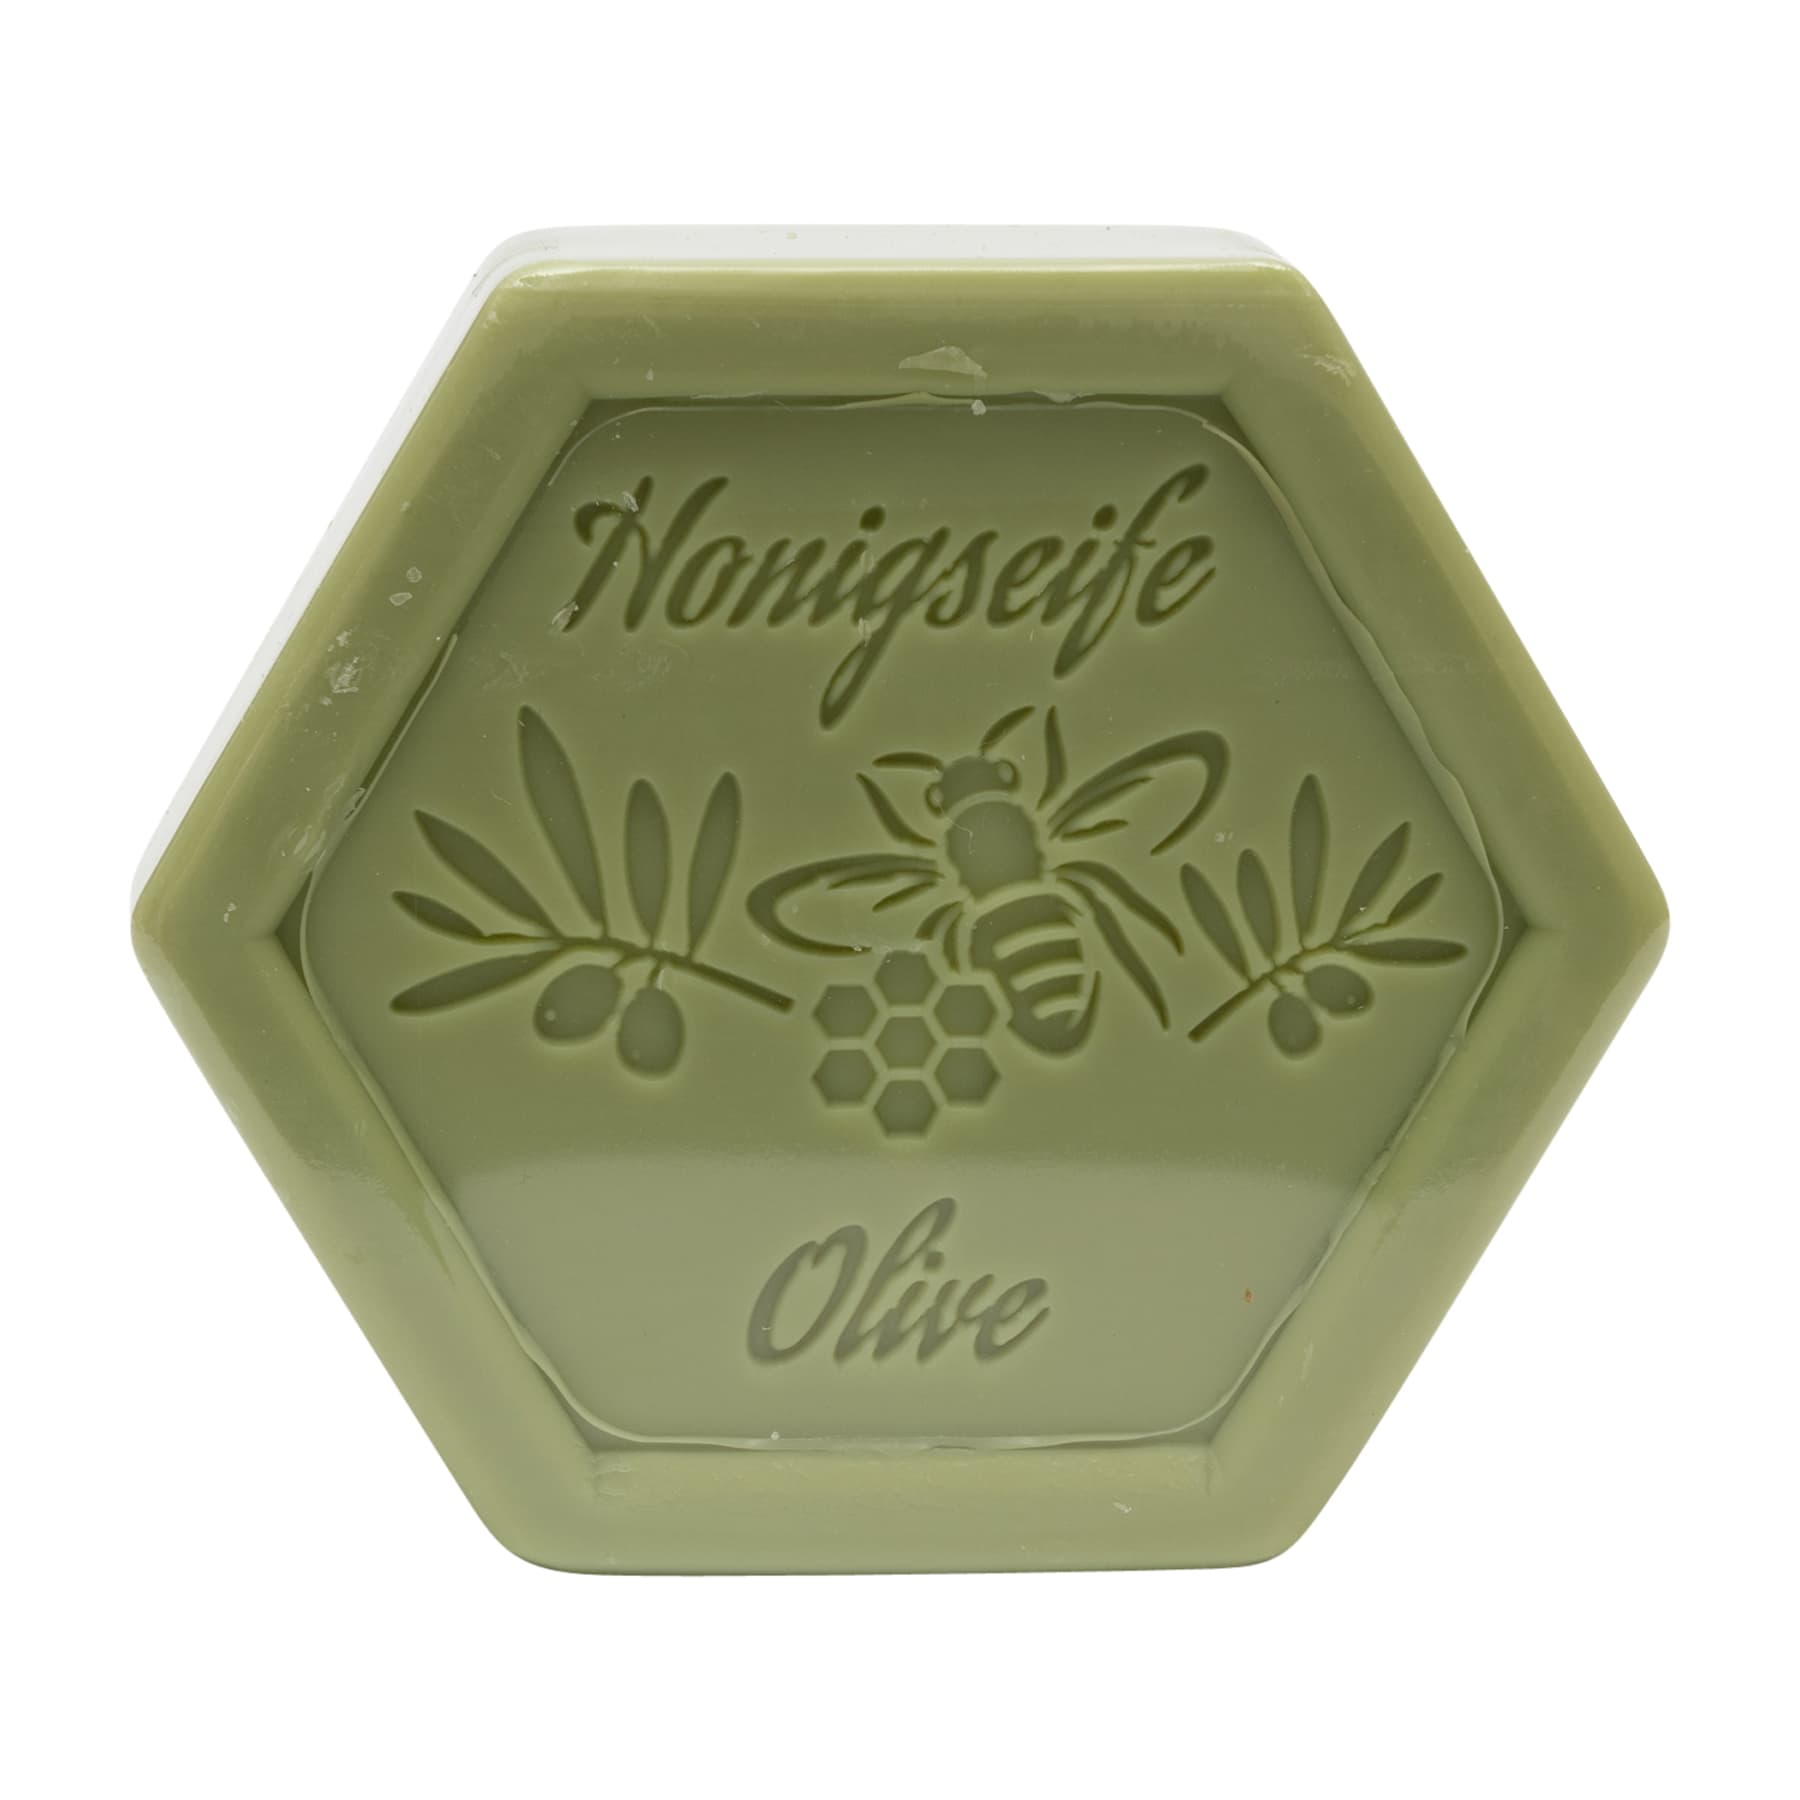 Honigseife mit Olive 100 g in Sechseckform, foliert und etikettiert